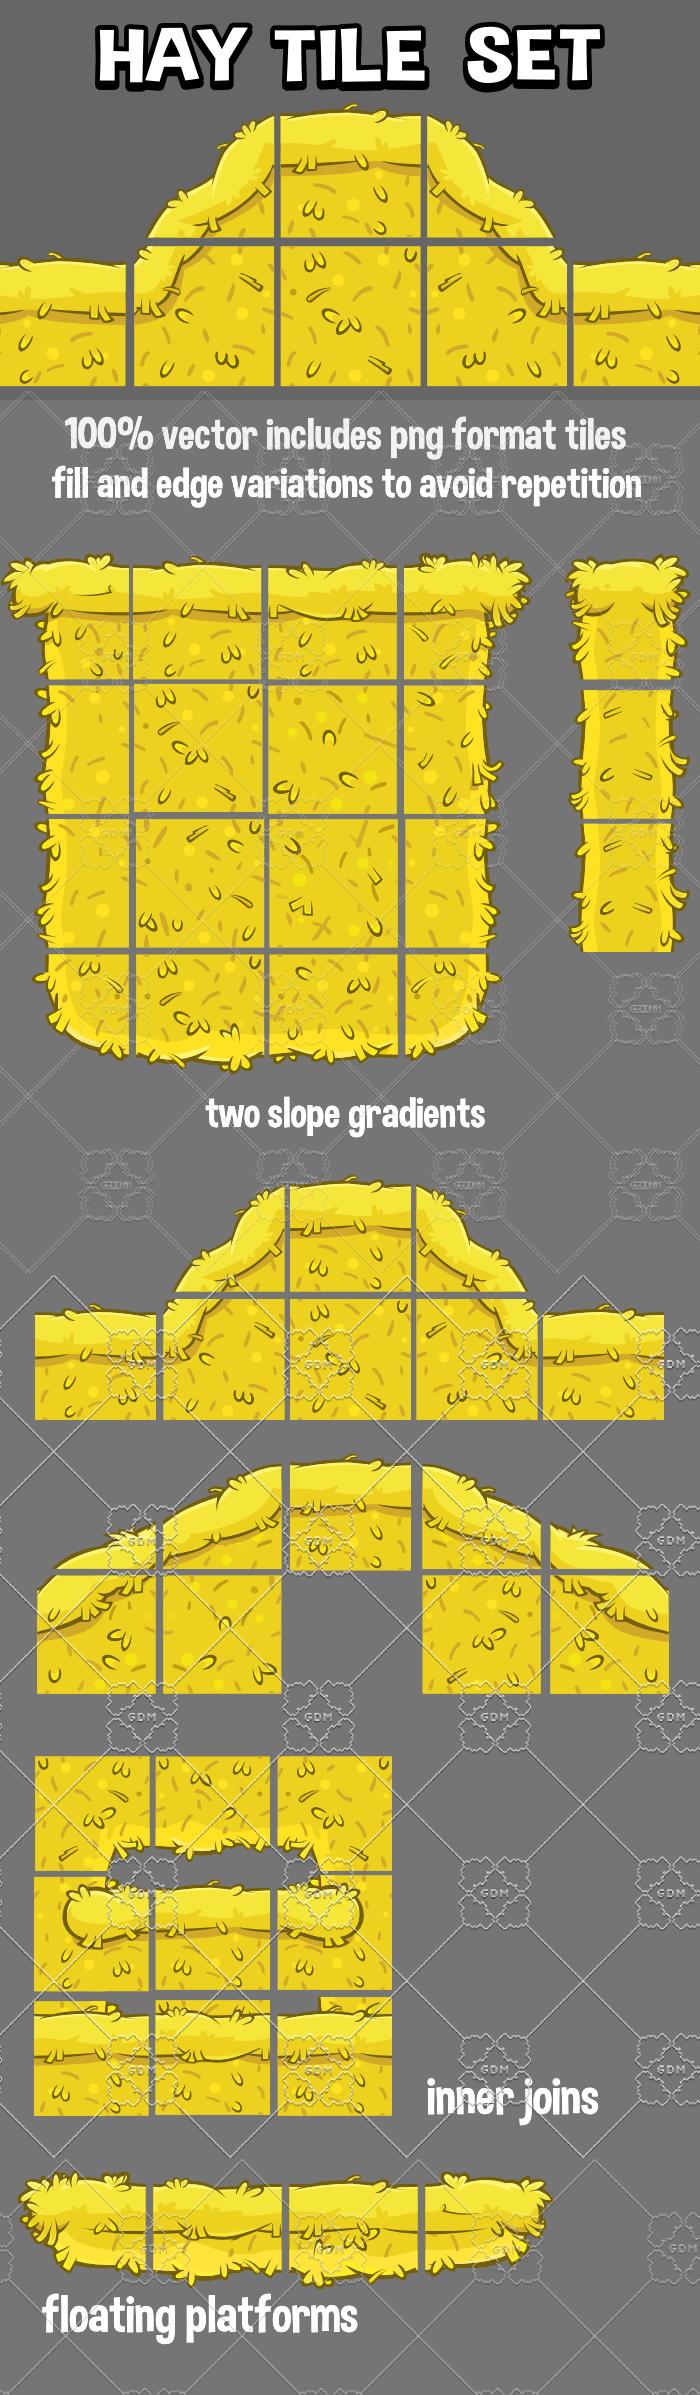 2d hay tile set